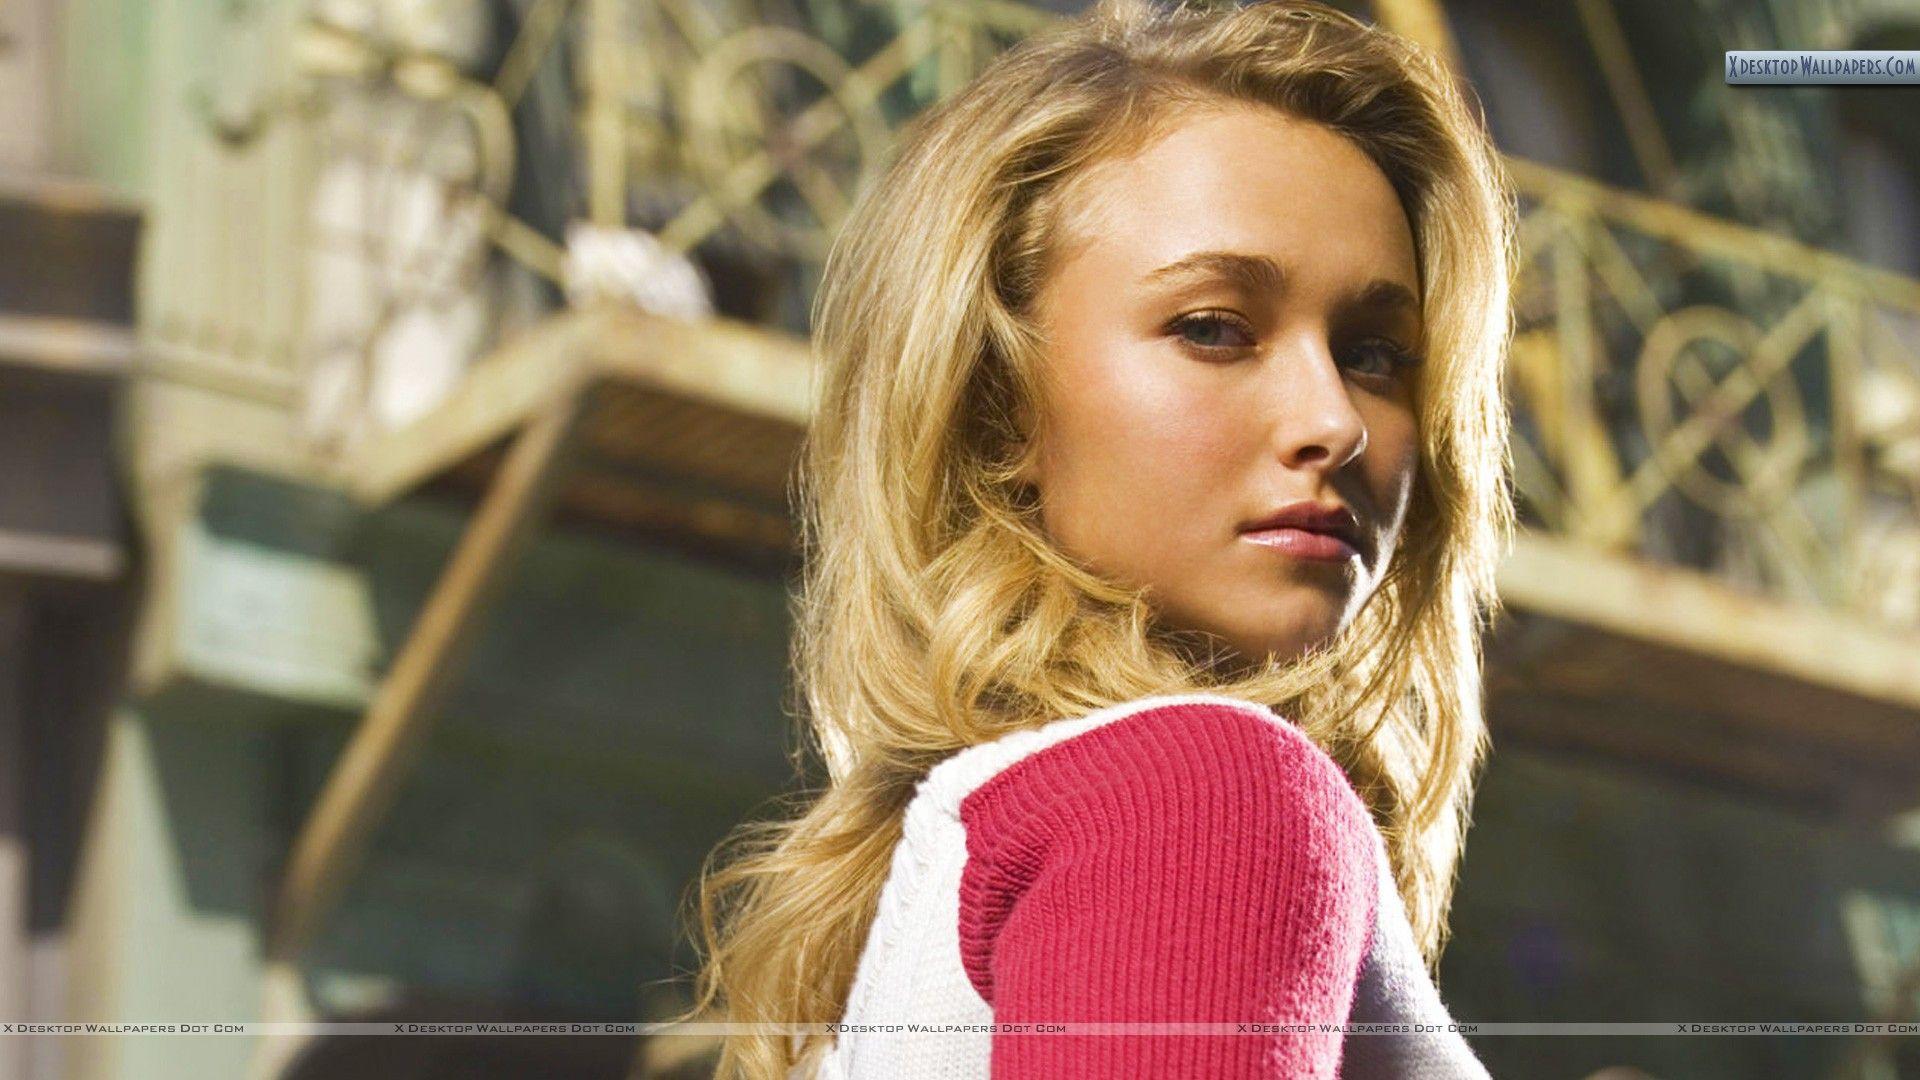 blondes women actress Hayden Panettiere celebrity ua